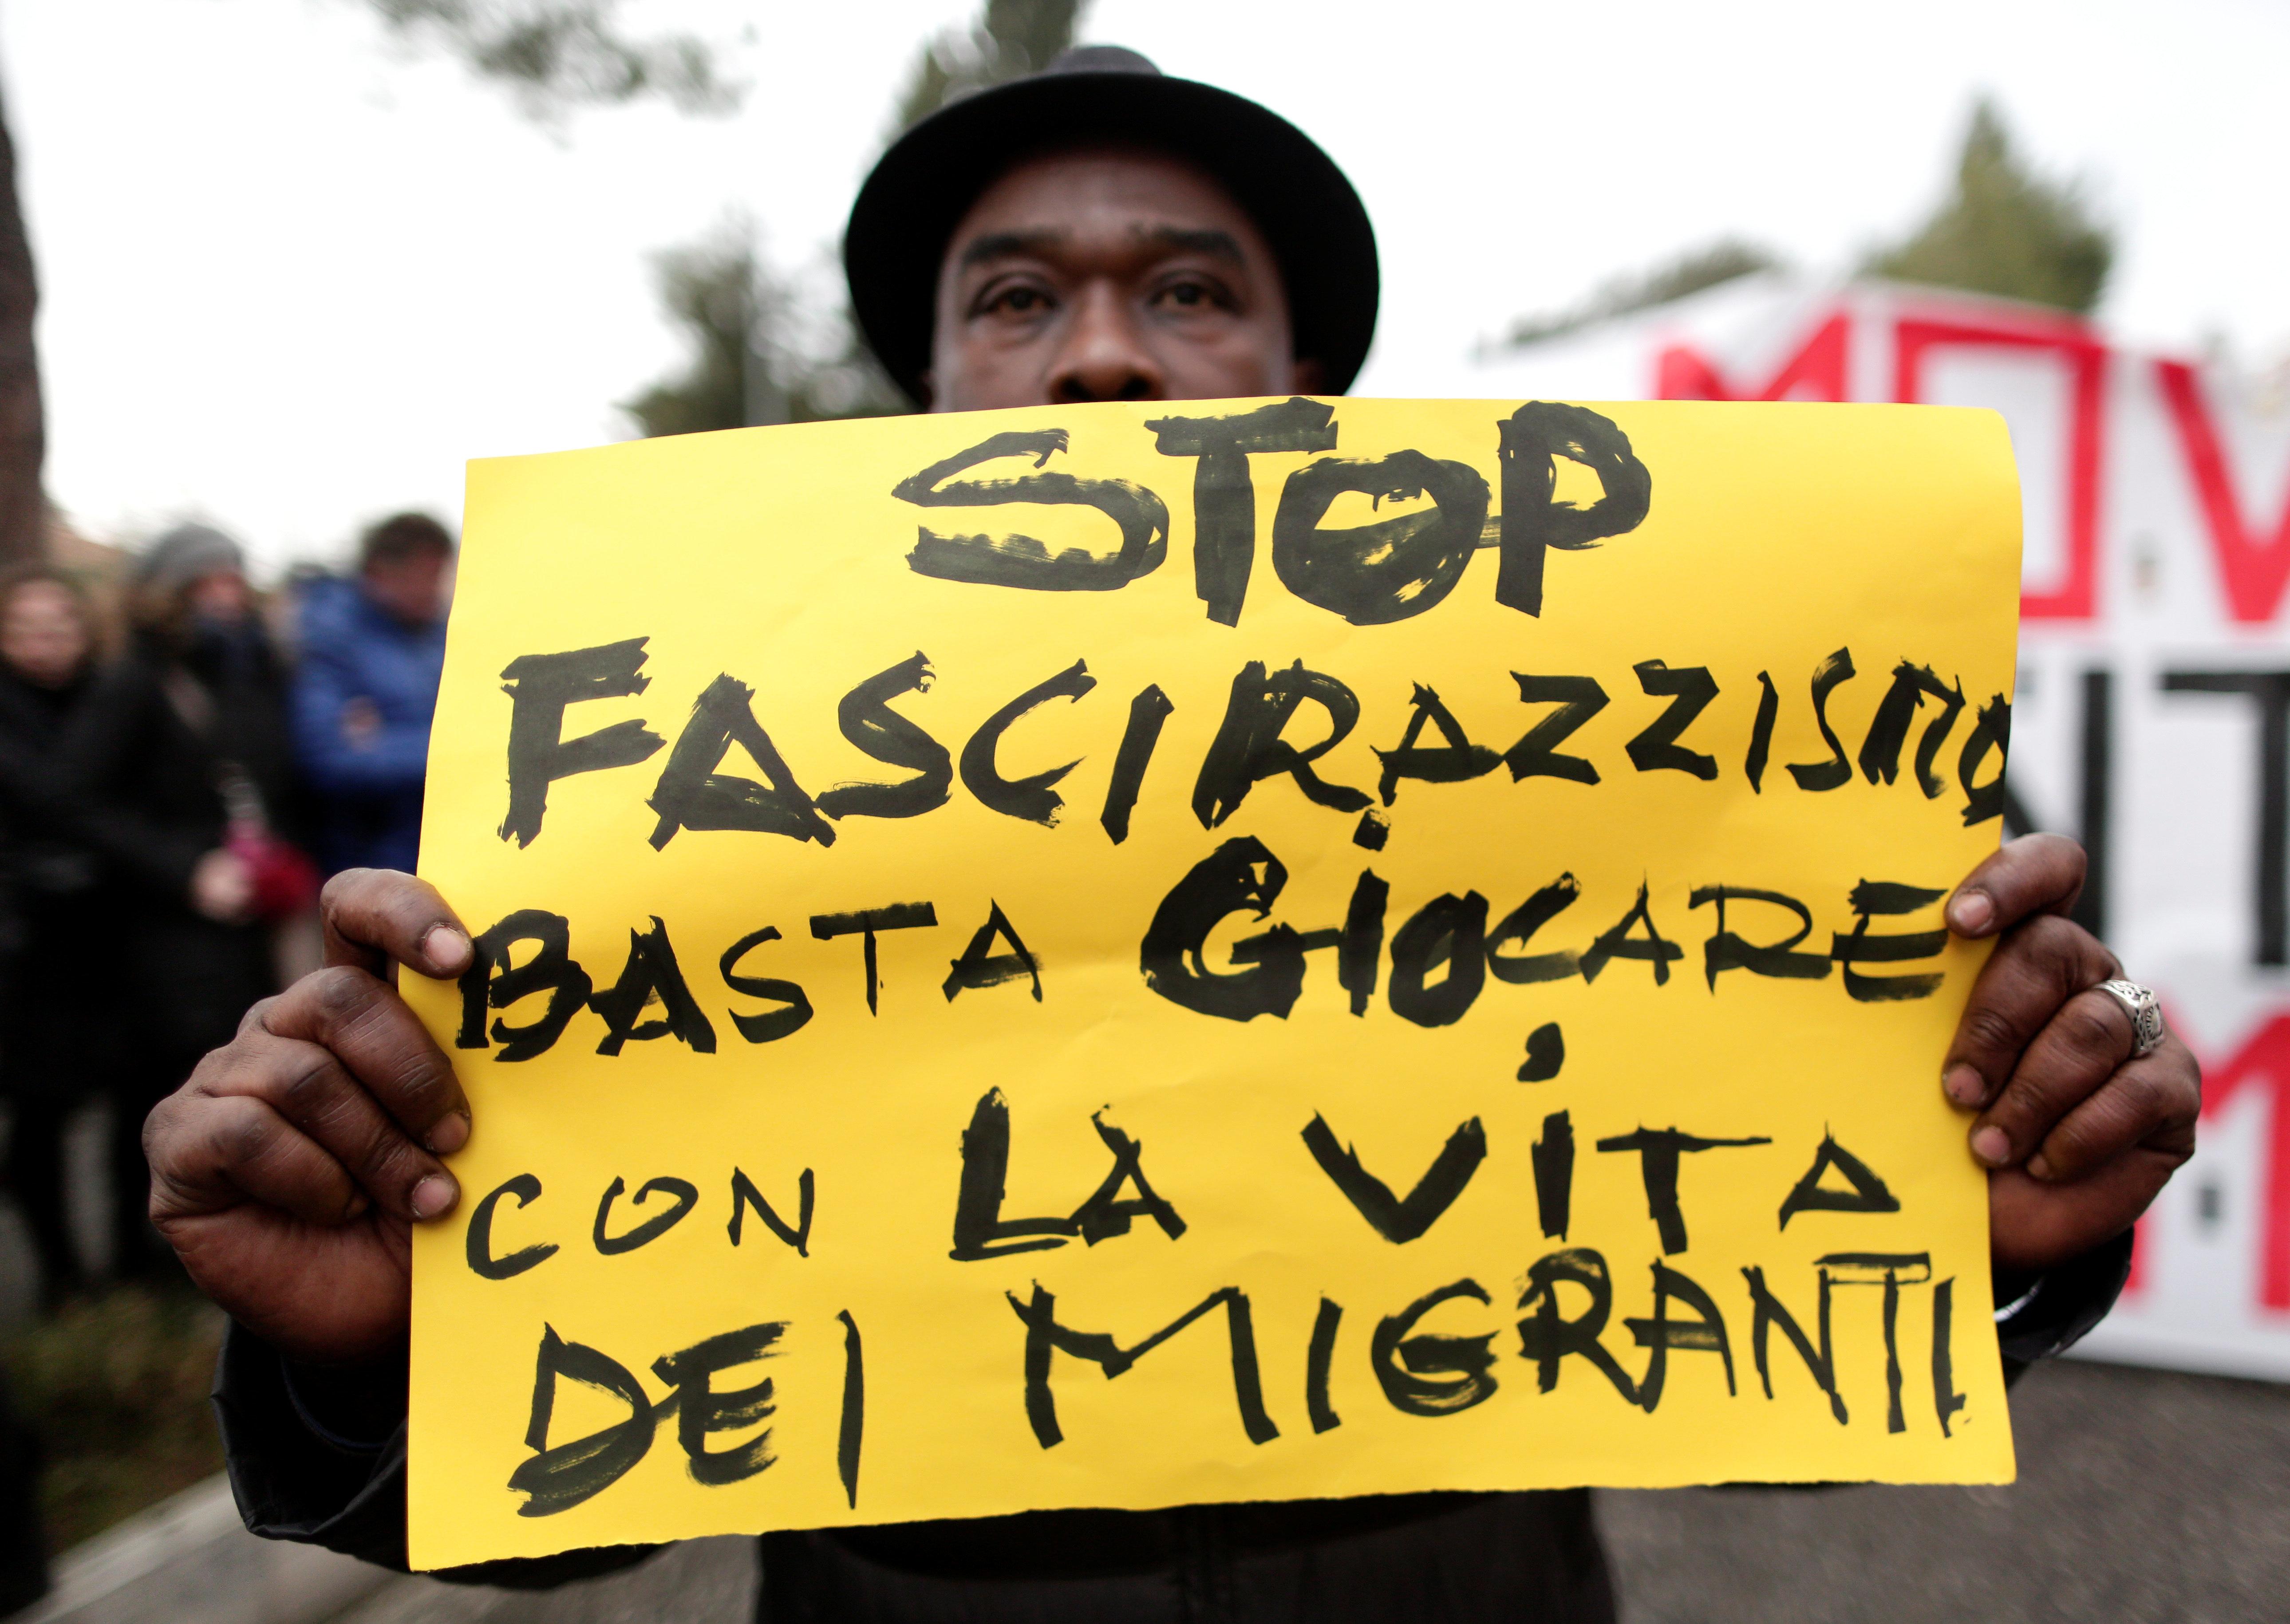 Ο ρατσισμός στην Ευρώπη -και στην Ελλάδα- σε